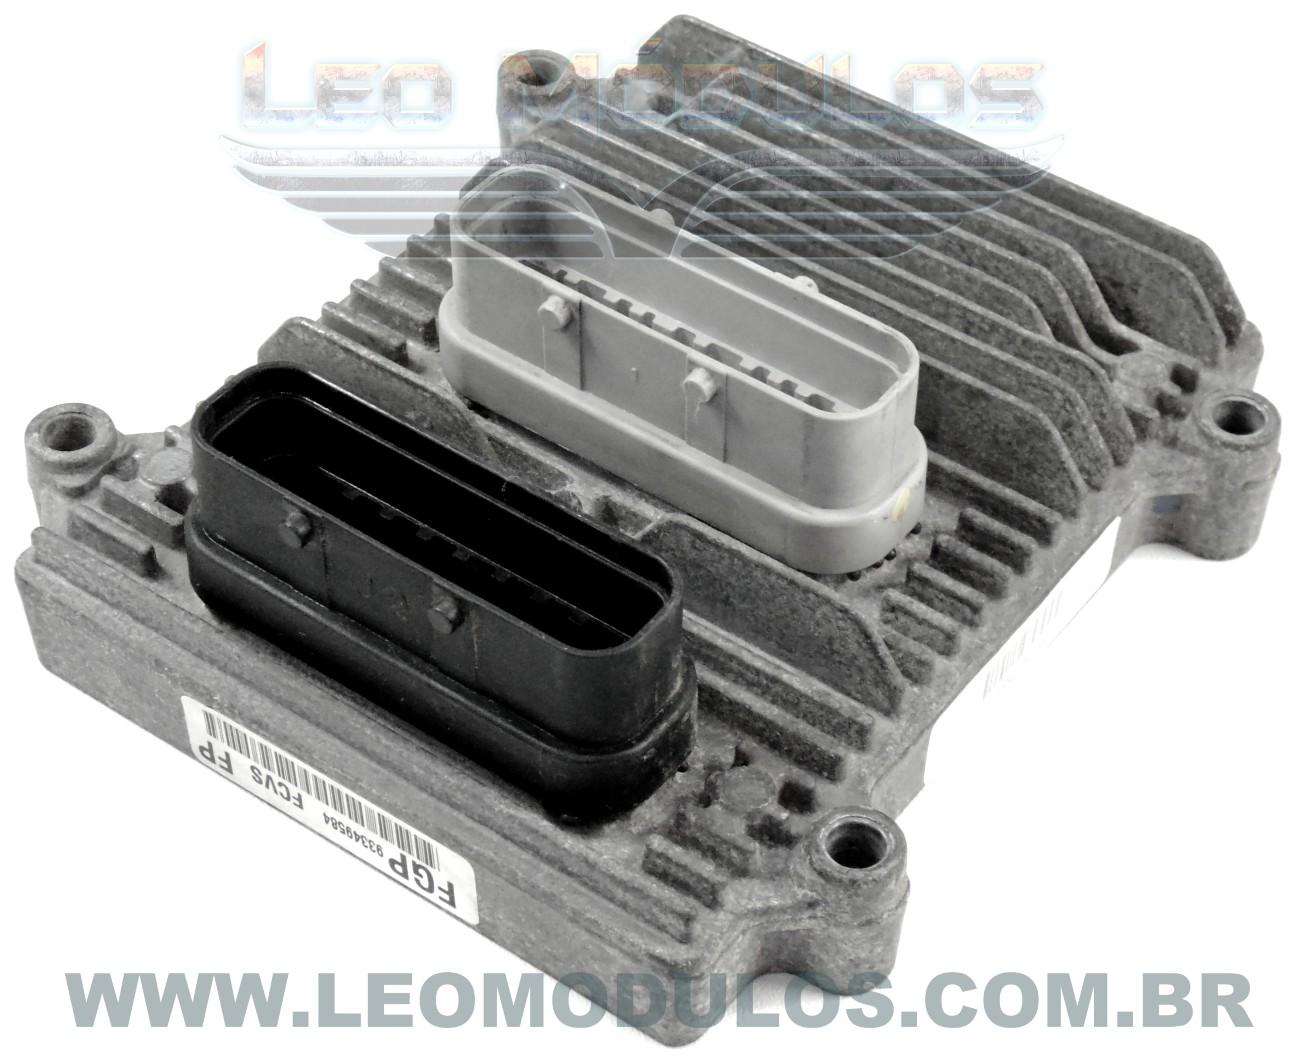 Módulo de injeção multec H - FCVS FP 93349584 - Chevrolet Corsa Classic 1.0 8V Flex - FCVS FP - Leo Módulos